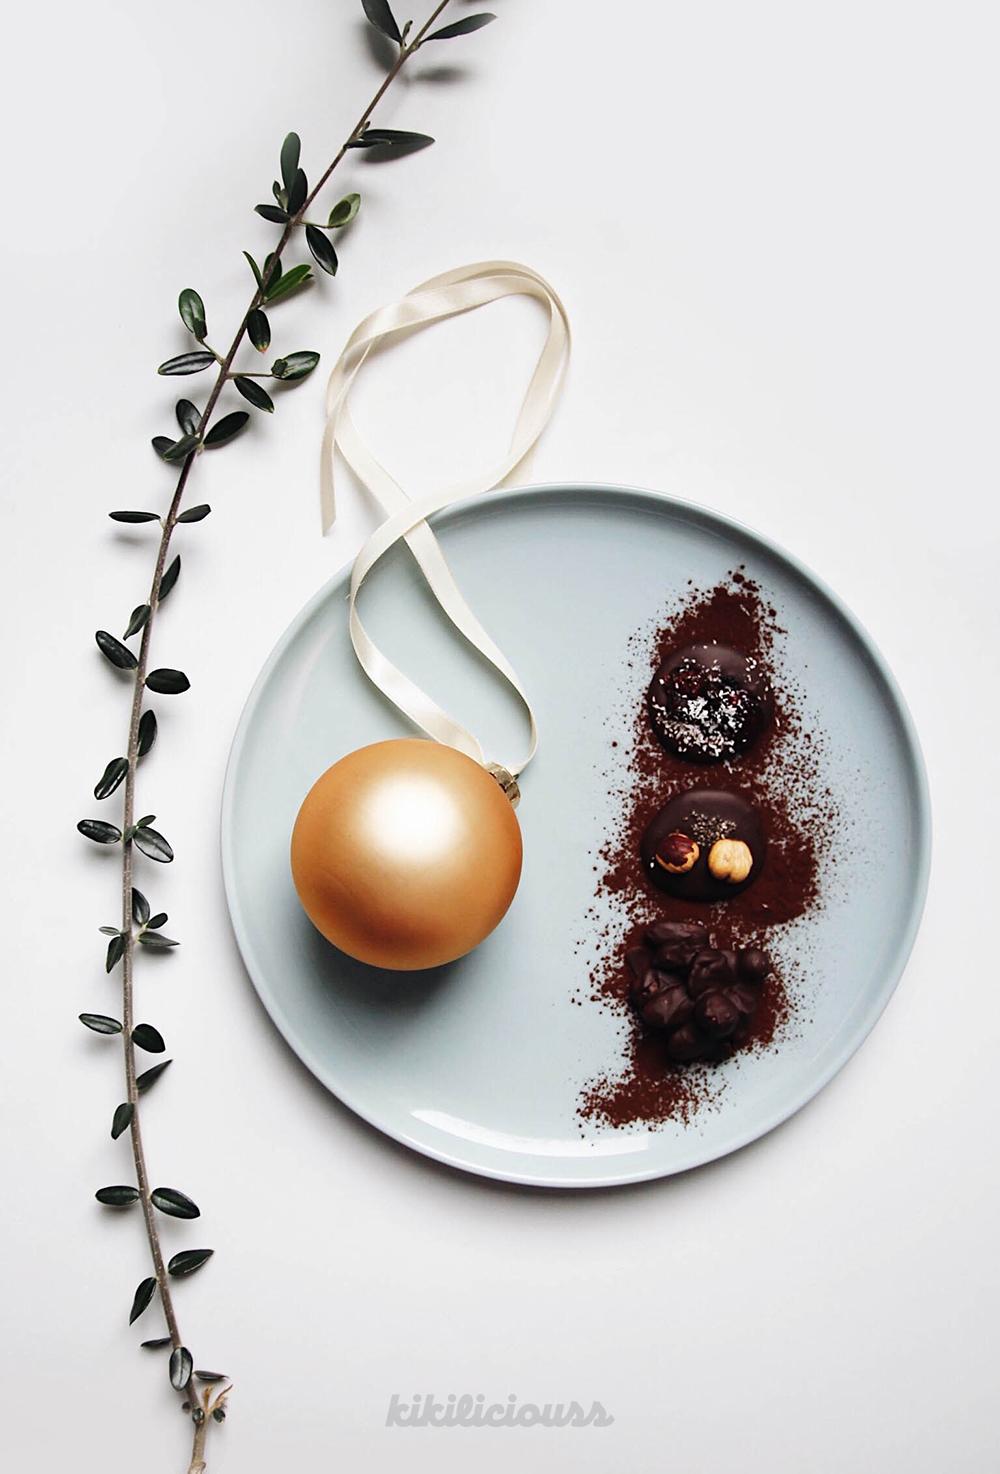 Kafshata Çokollate